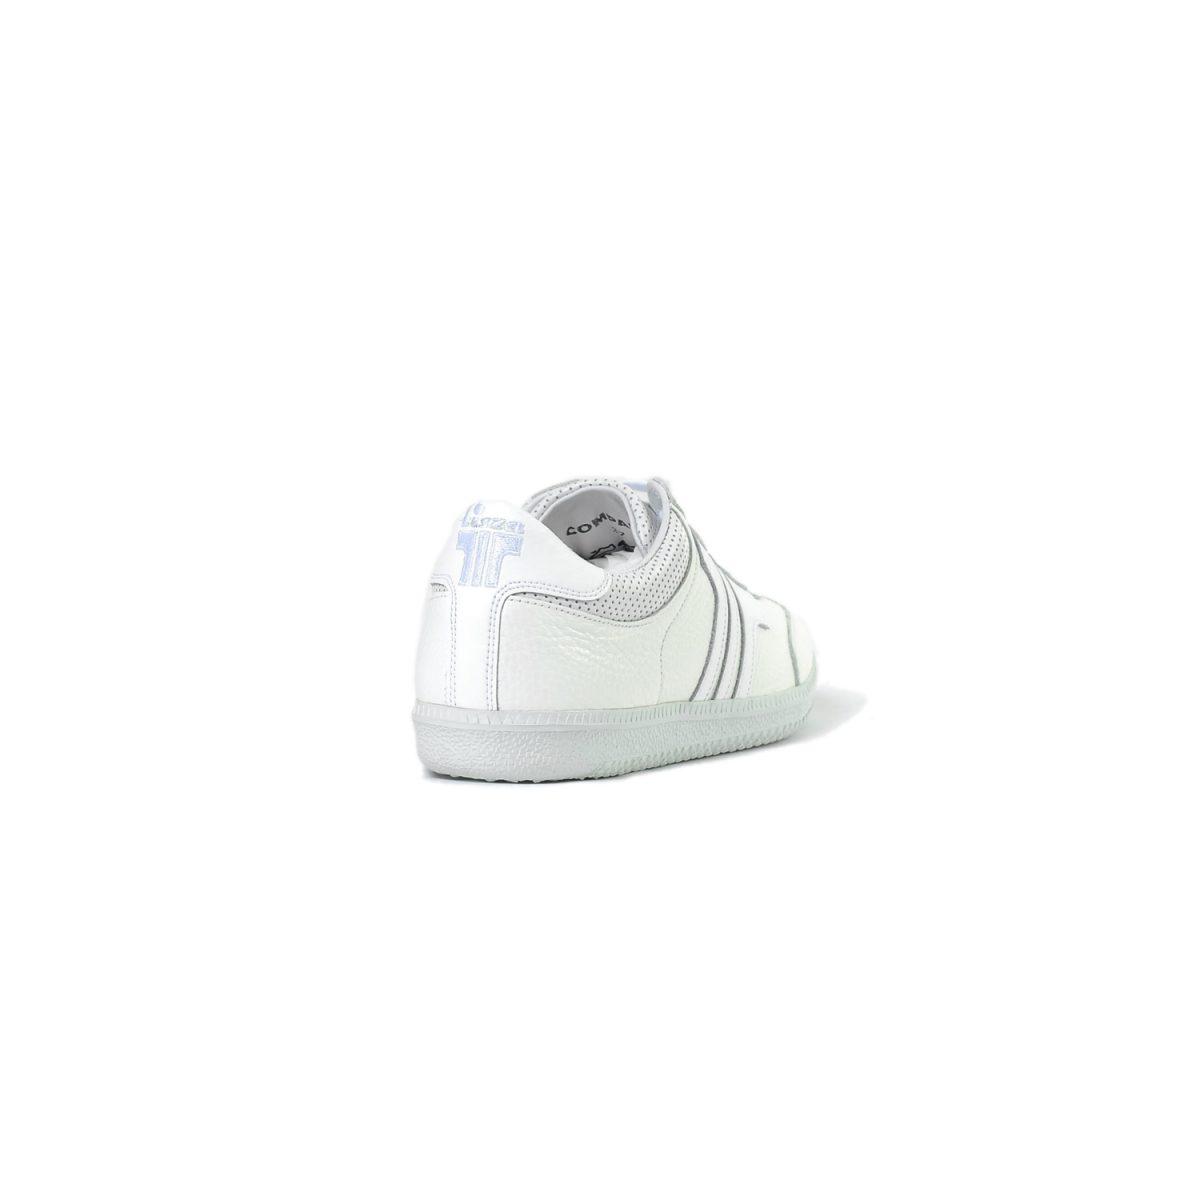 Tisza shoes - Compakt - White